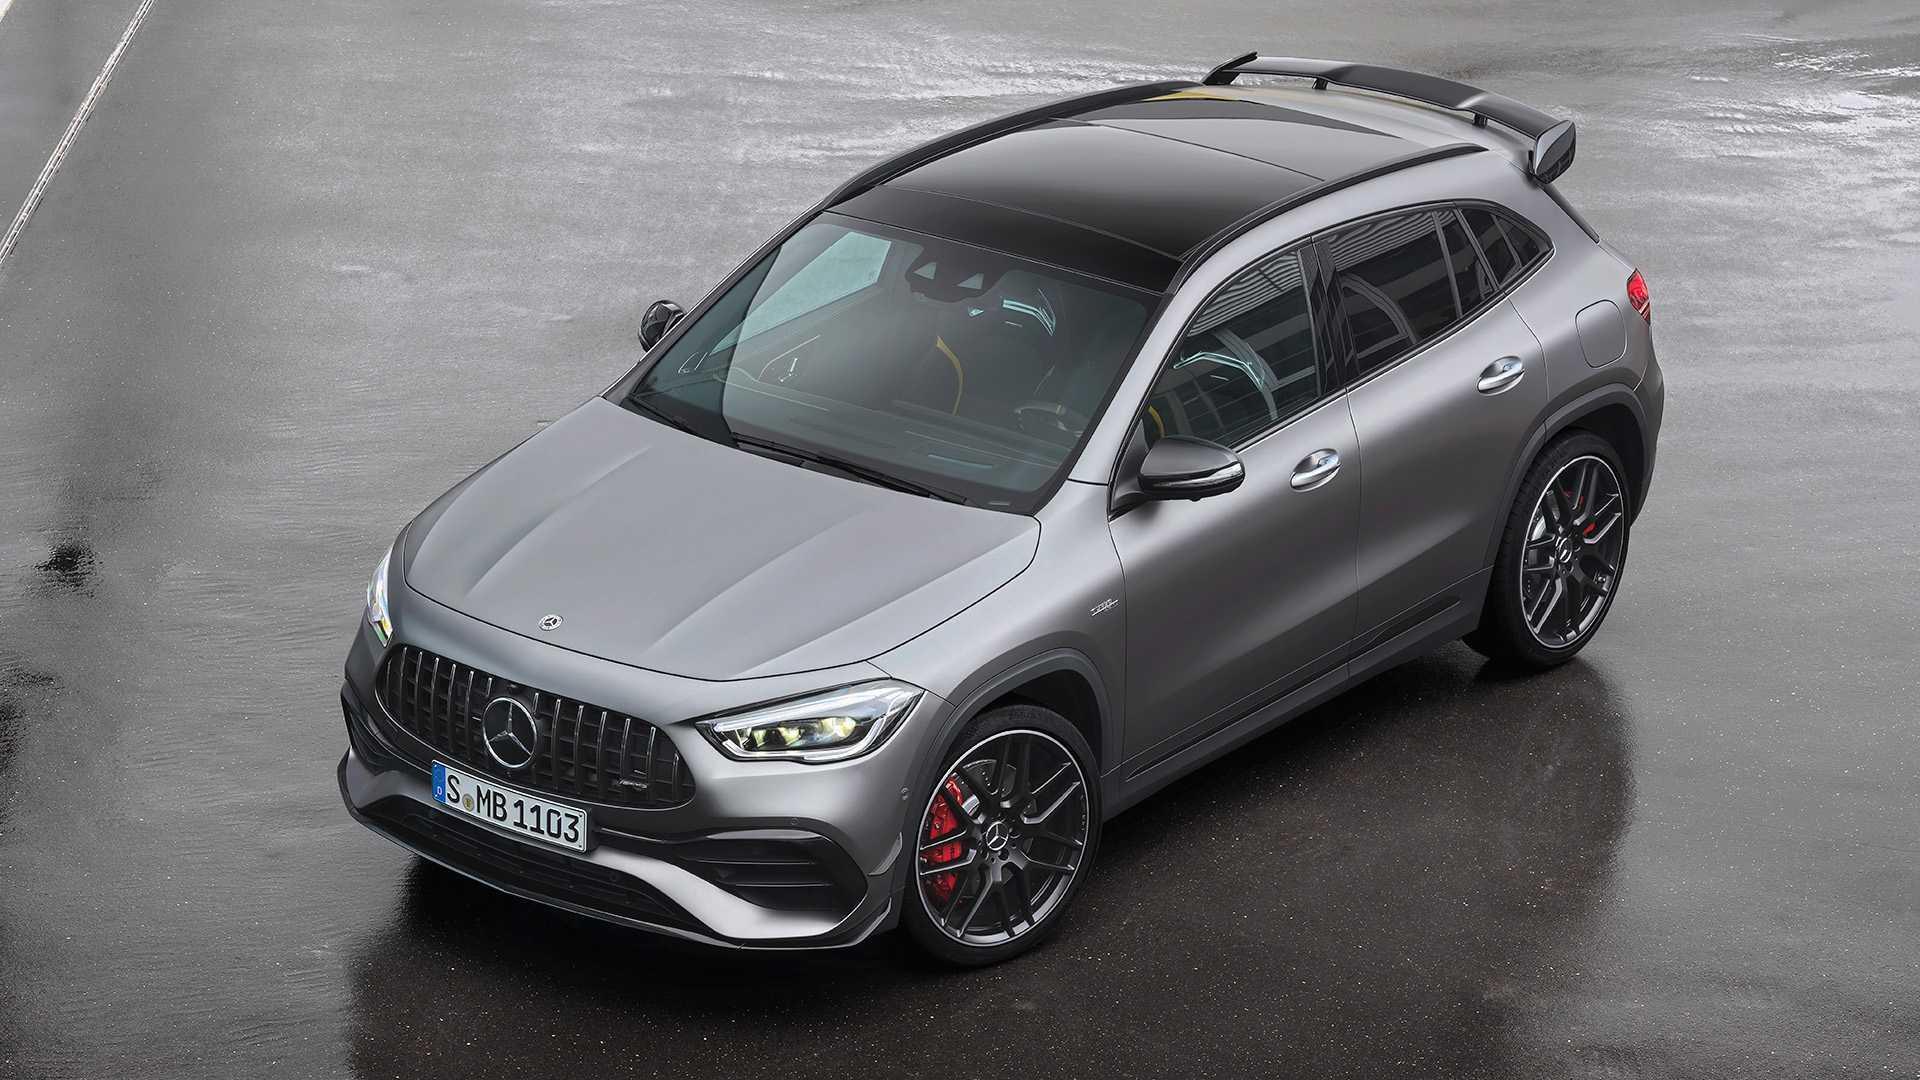 Новый компактный кроссовер Mercedes-AMG предлагается в двух версиях – 387-сильной GLA 45 и 421-сильной GLA 45 S